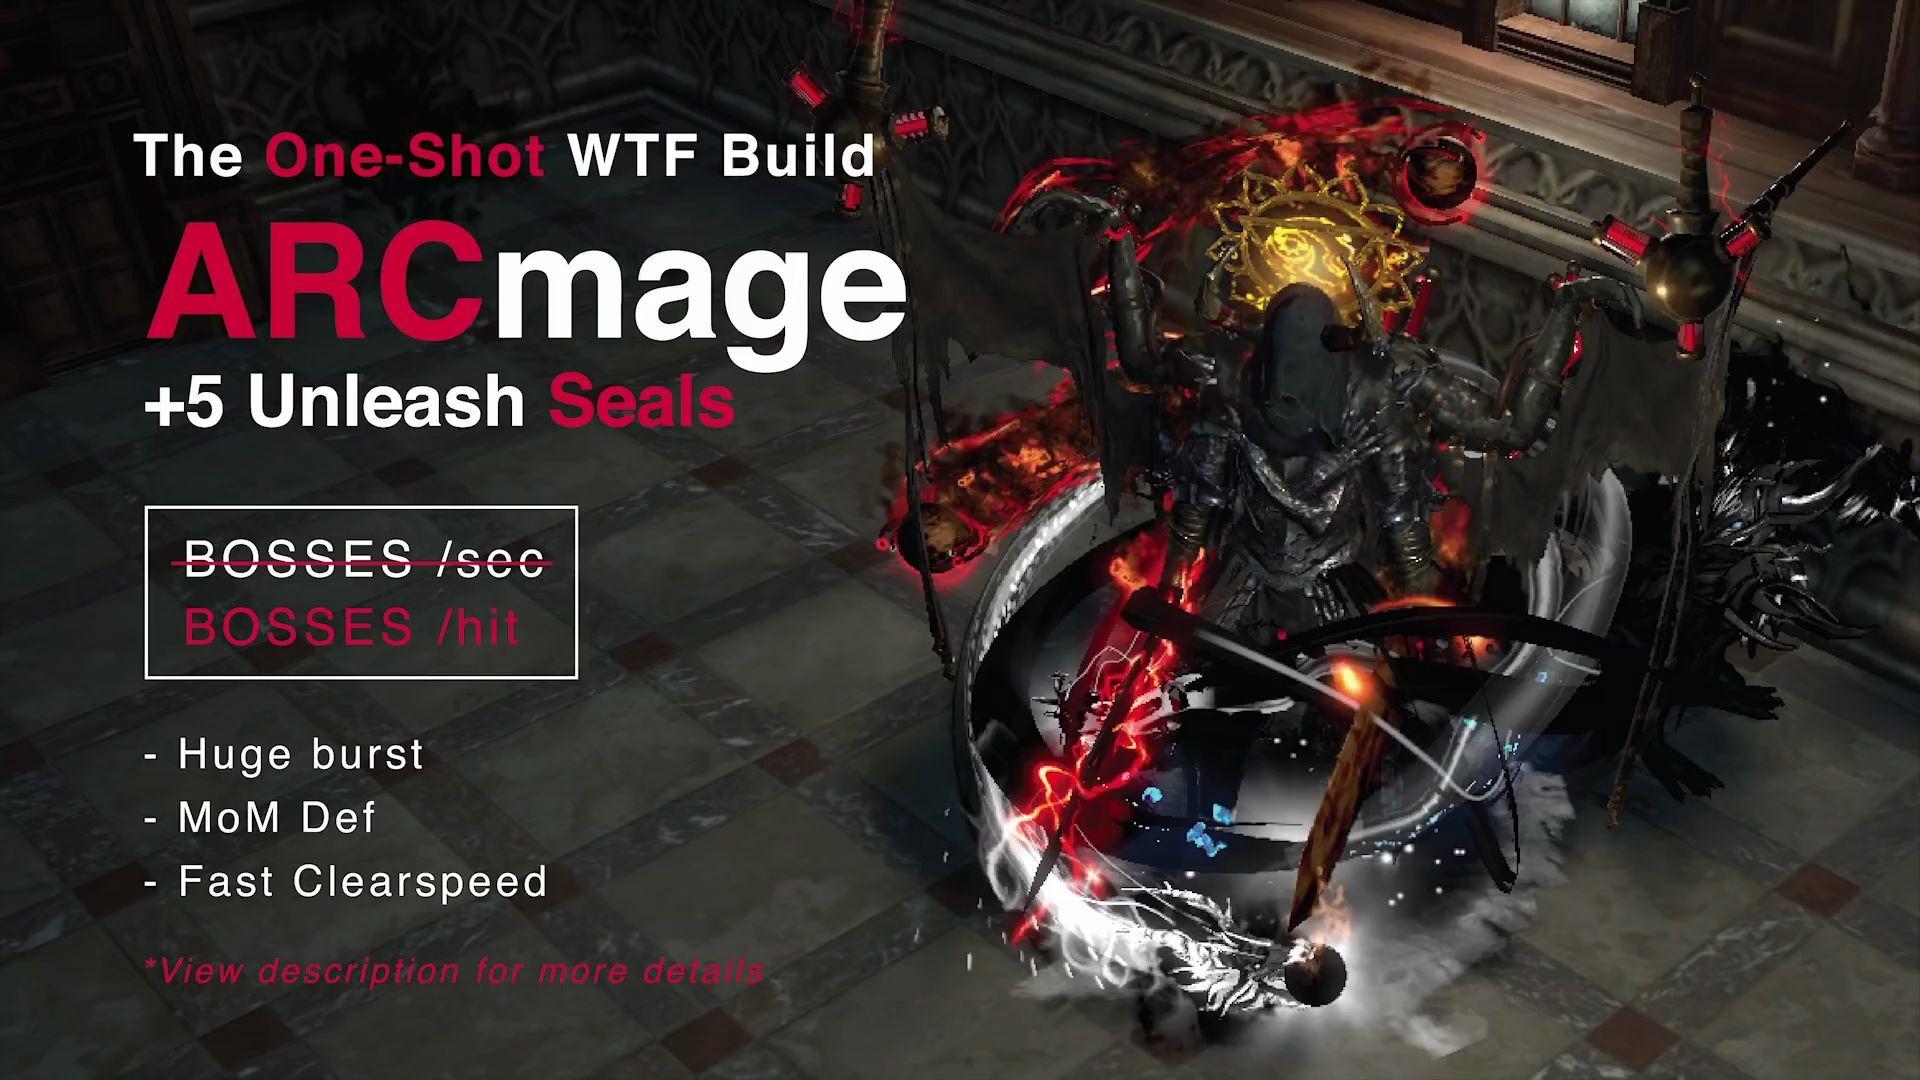 流放之路3.10 | 埼玉老師build | the one-shot WTF build ARCmage_嗶哩嗶哩 (゜-゜)つロ 干杯~-bilibili